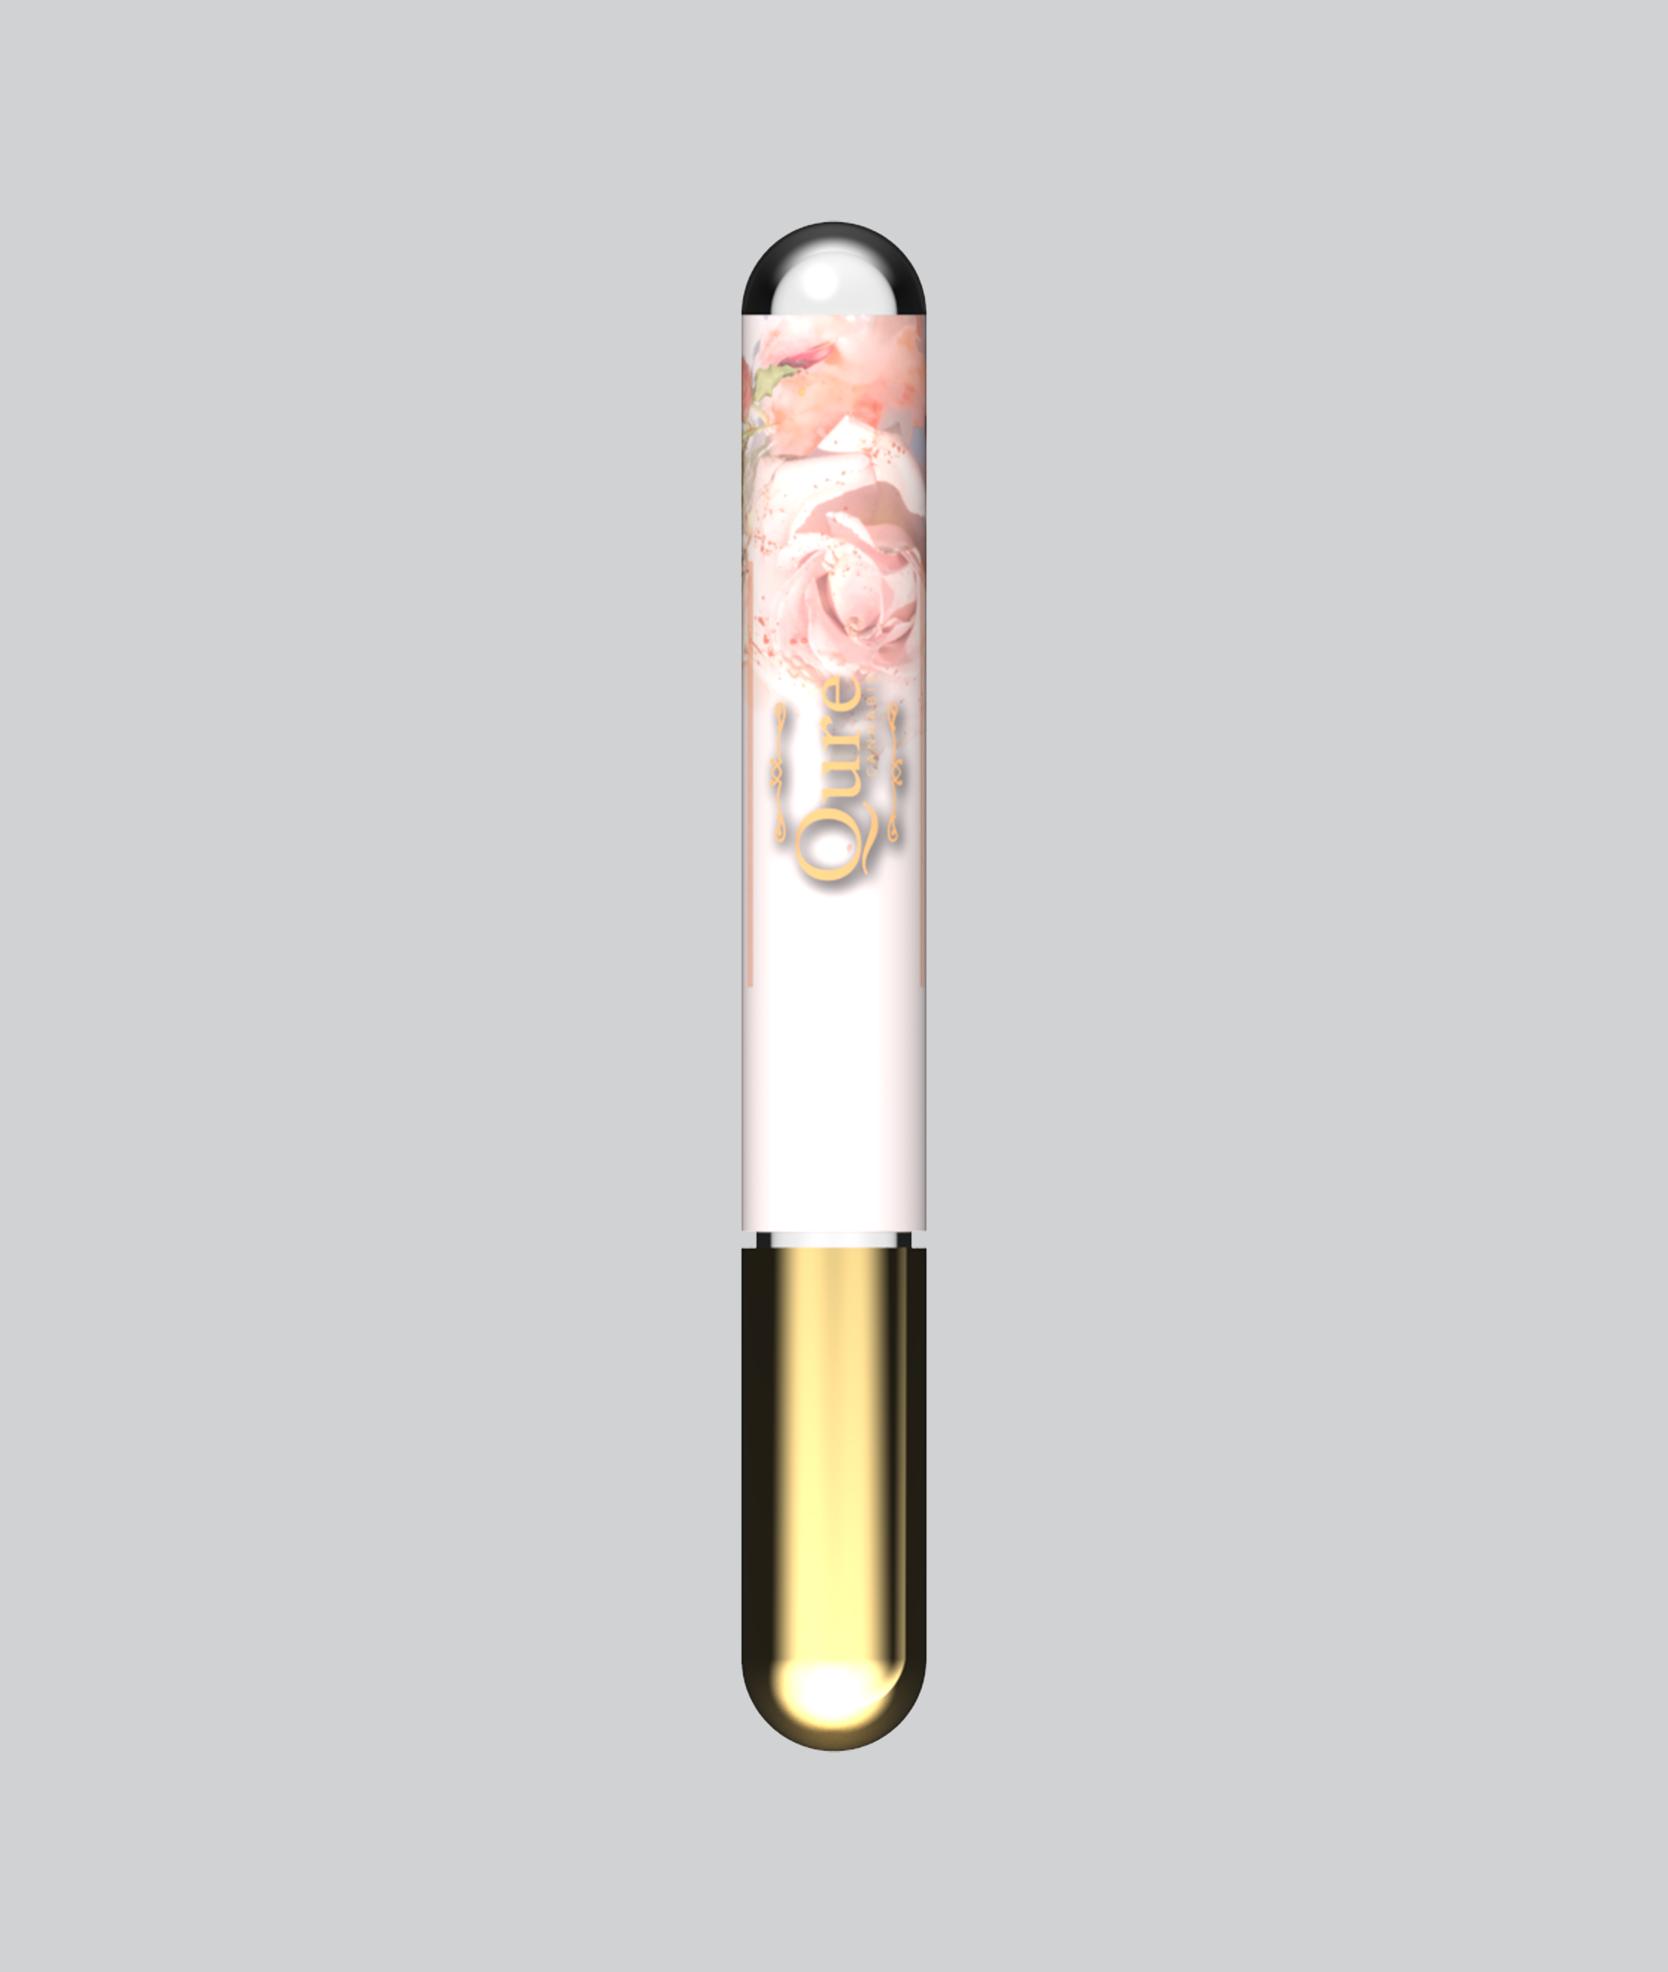 qure-custom-slim-pre-roll-joint-packaging